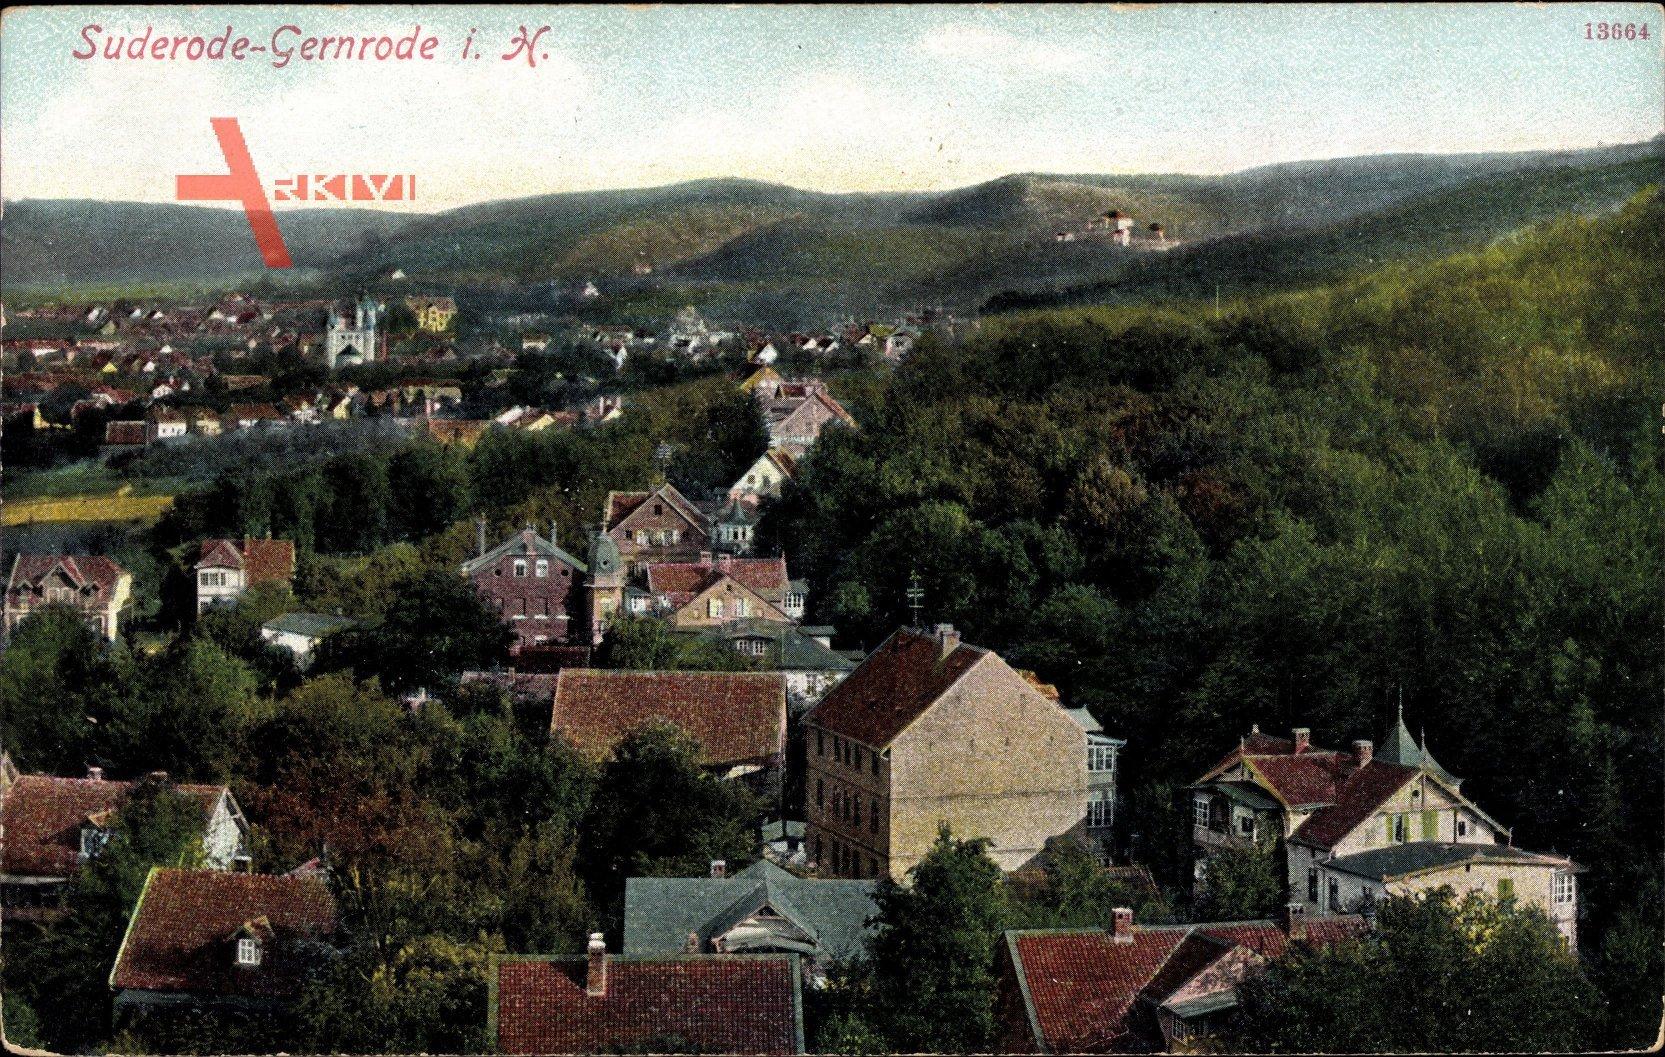 Bad Suderode im Harz, Teilansicht mit Blick auf Umgebung